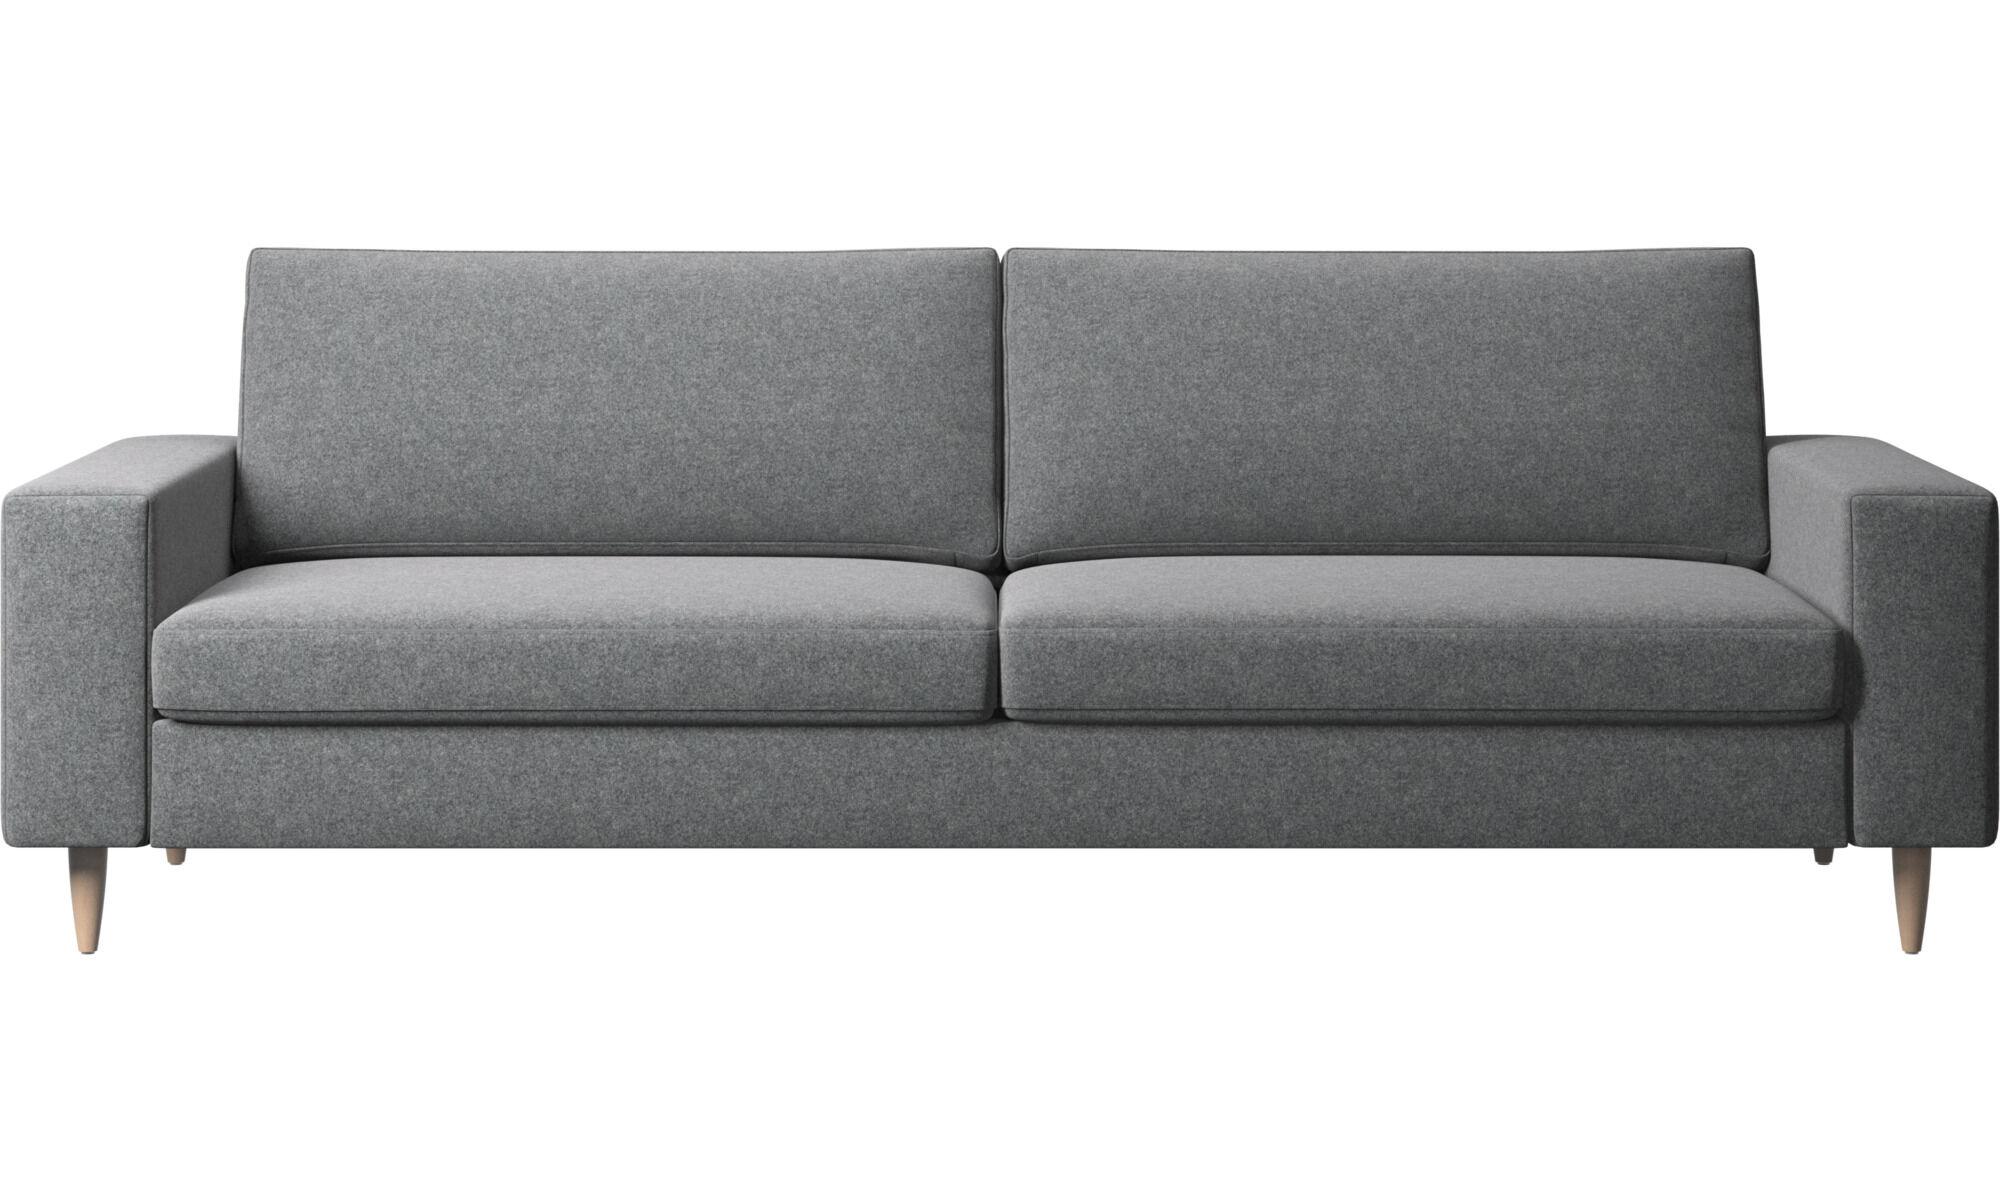 3 Seater Sofas   Indivi 2 Sofa   Grey   Fabric ...